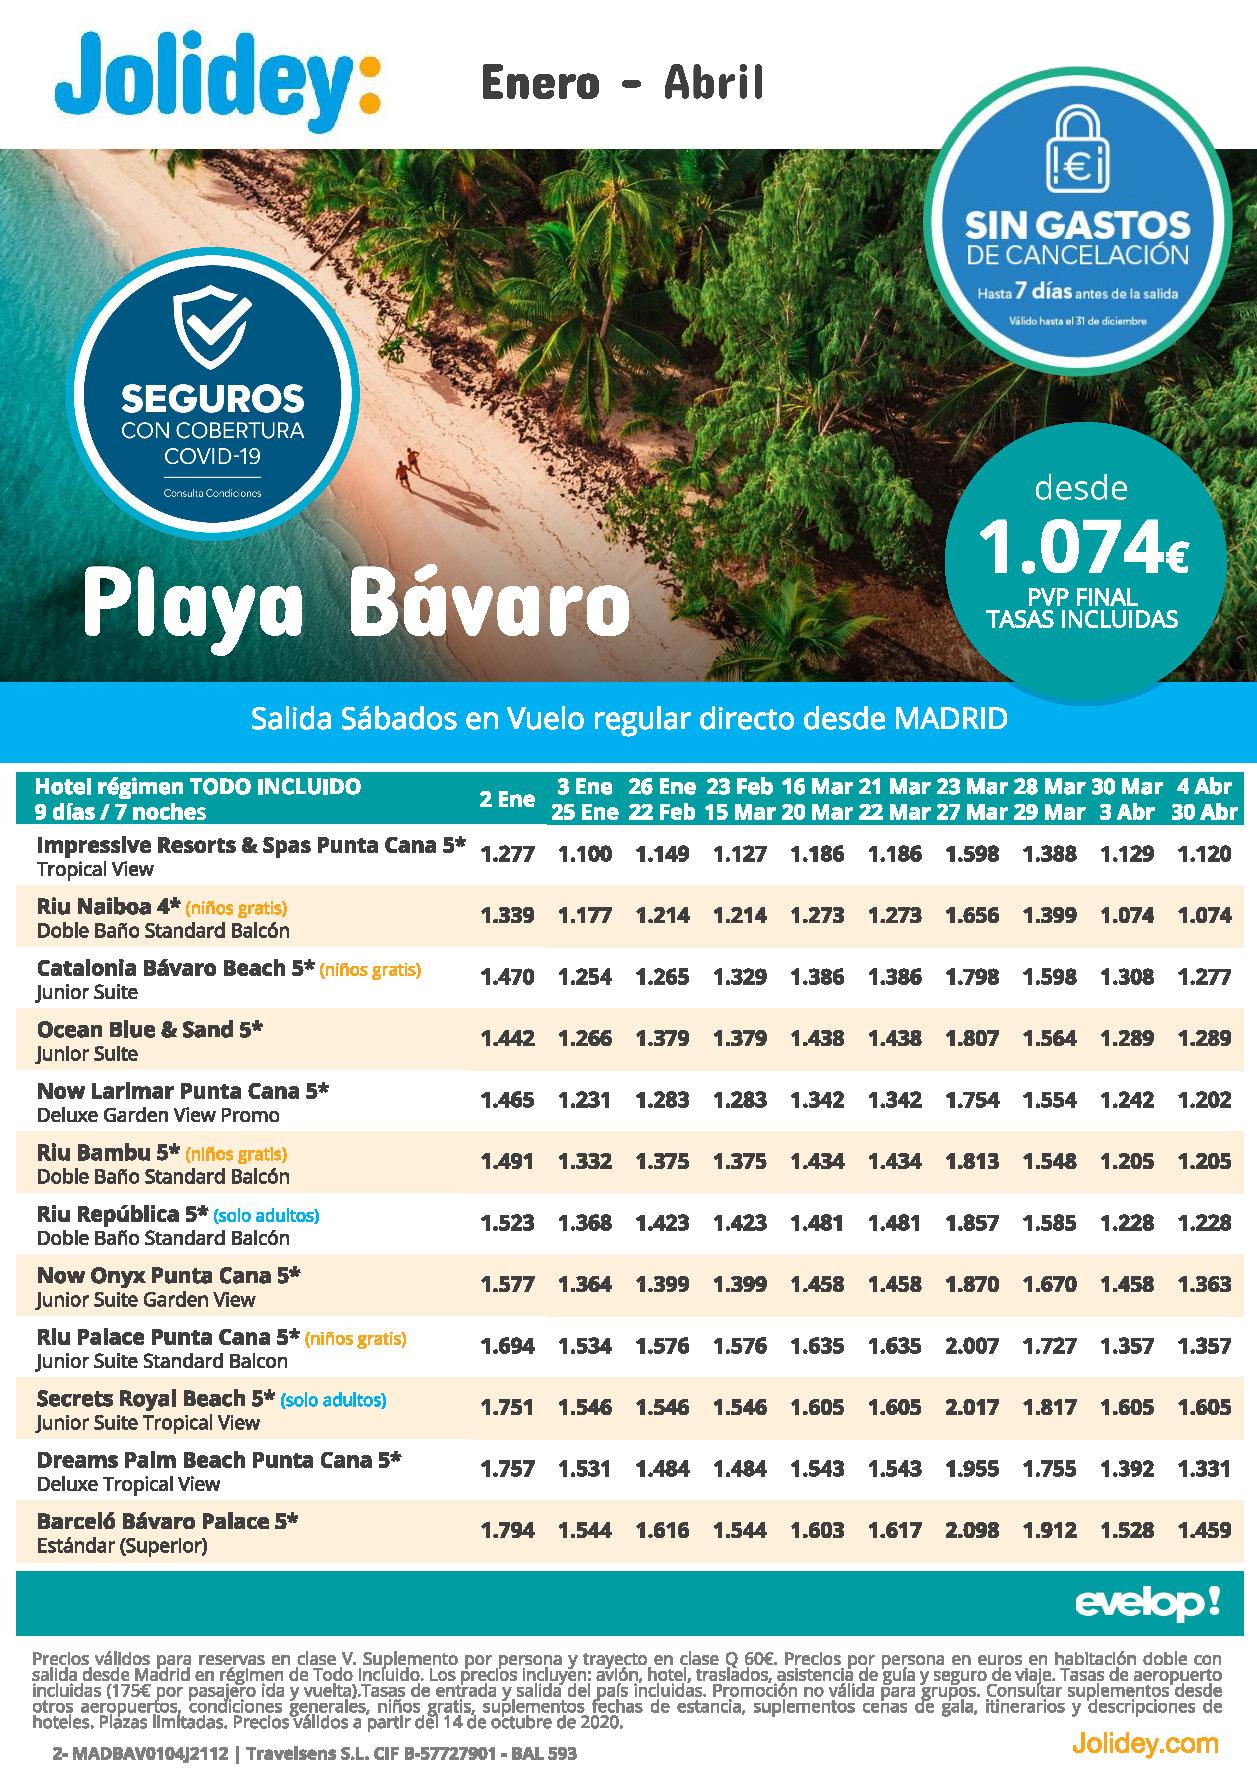 Oferta Jolidey Playa Bavaro Republica Dominicana Enero a Abril 2021 vuelo directo desde Madrid